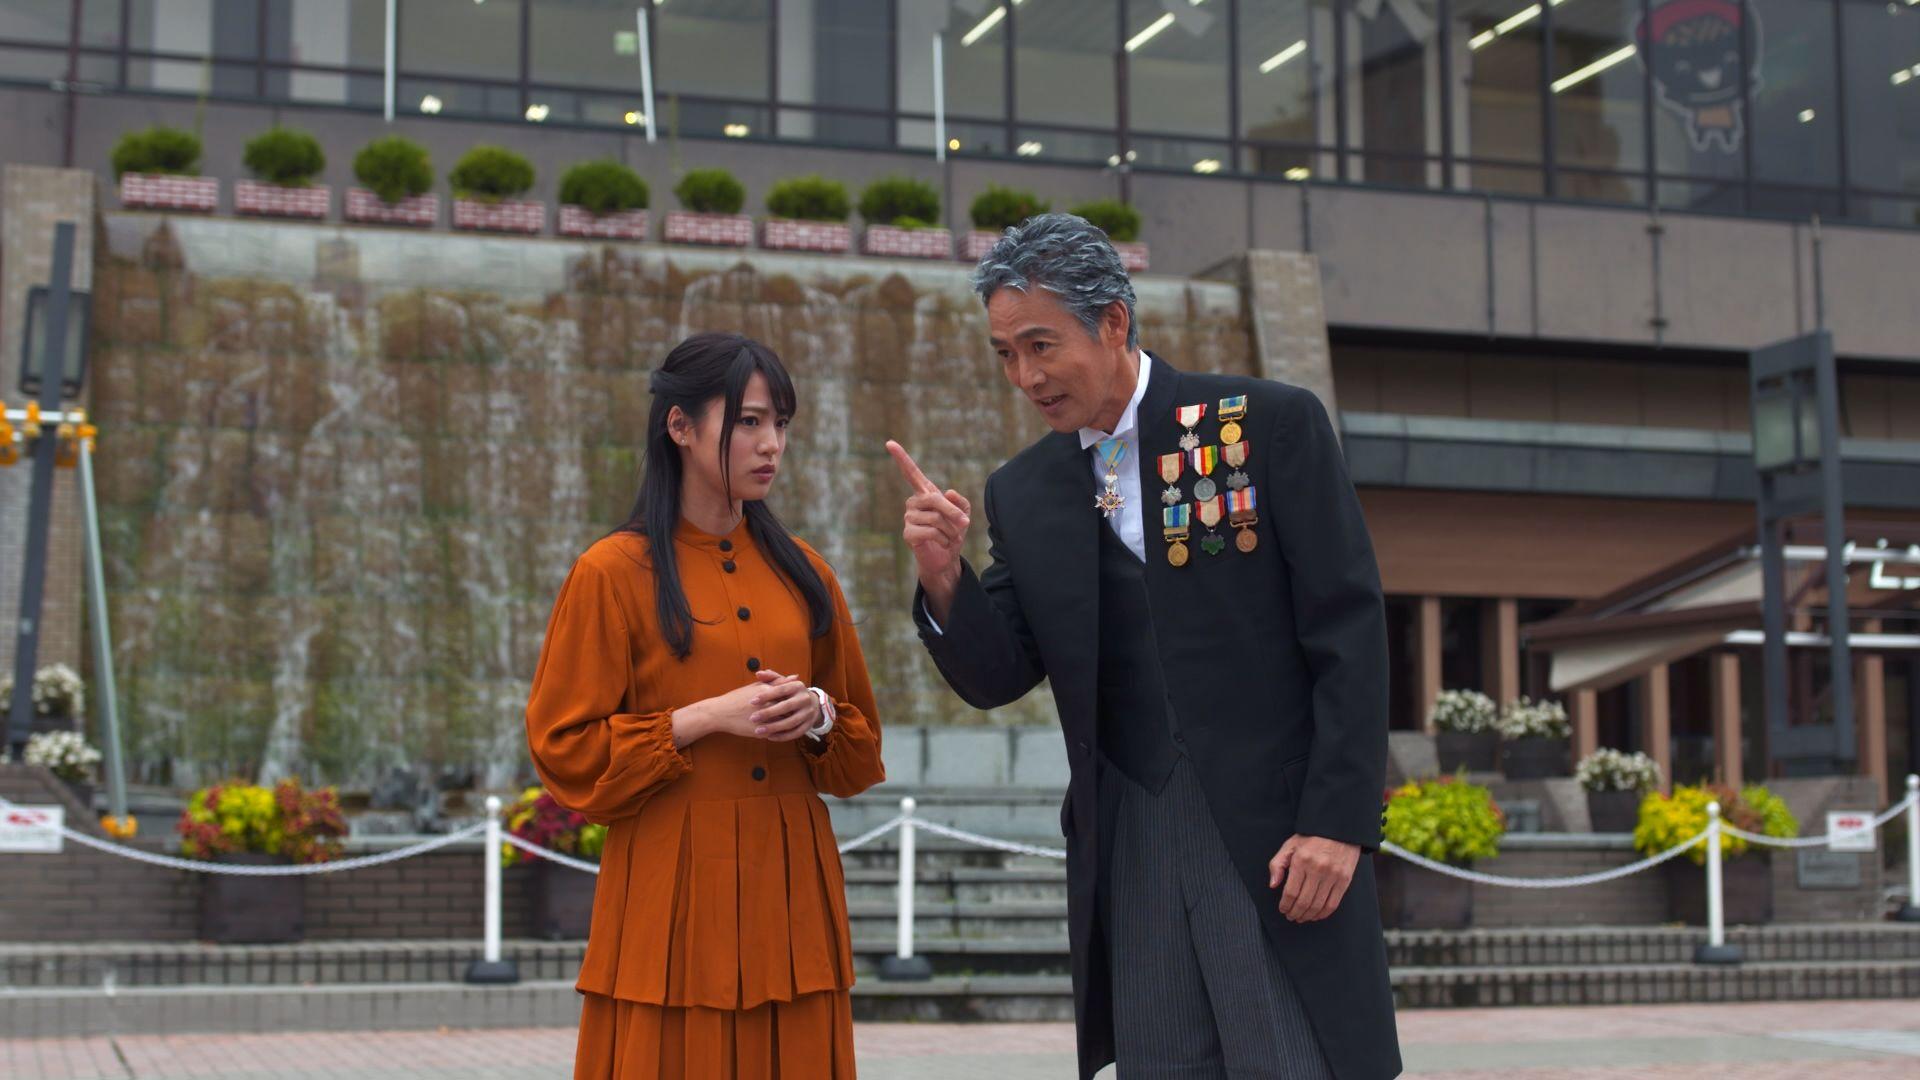 岩手県魅力発信PR動画『偉人局』で村上弘明と志田友美